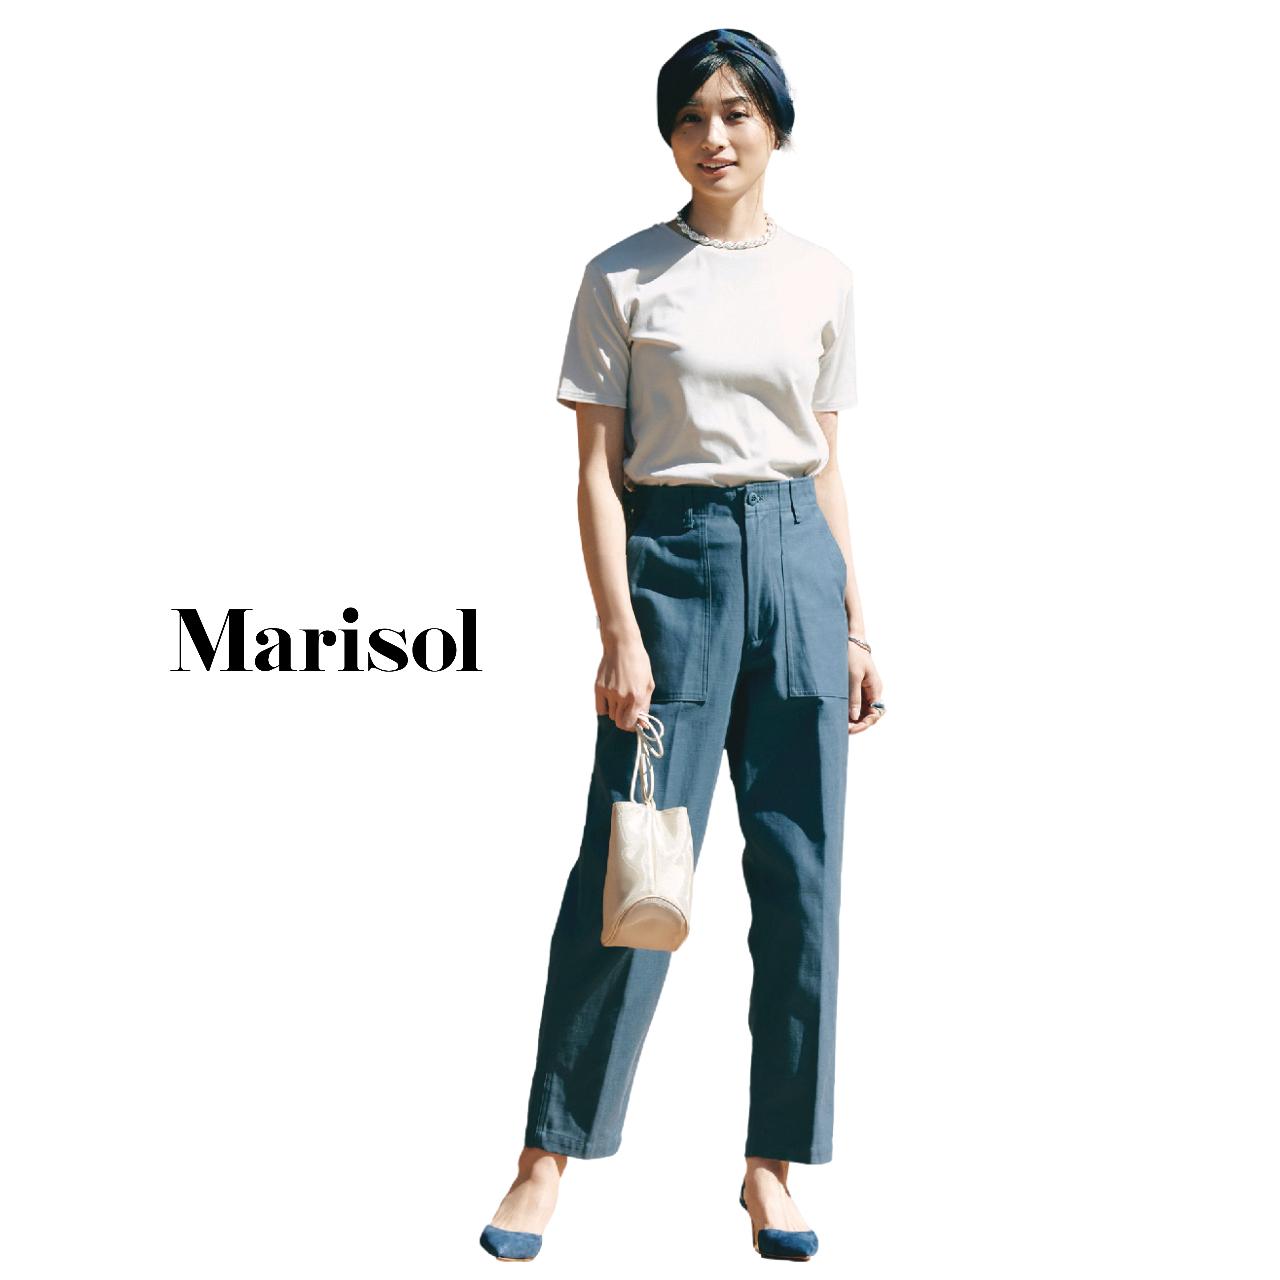 40代ファッション  Tシャツ×ブルーパンツコーデ